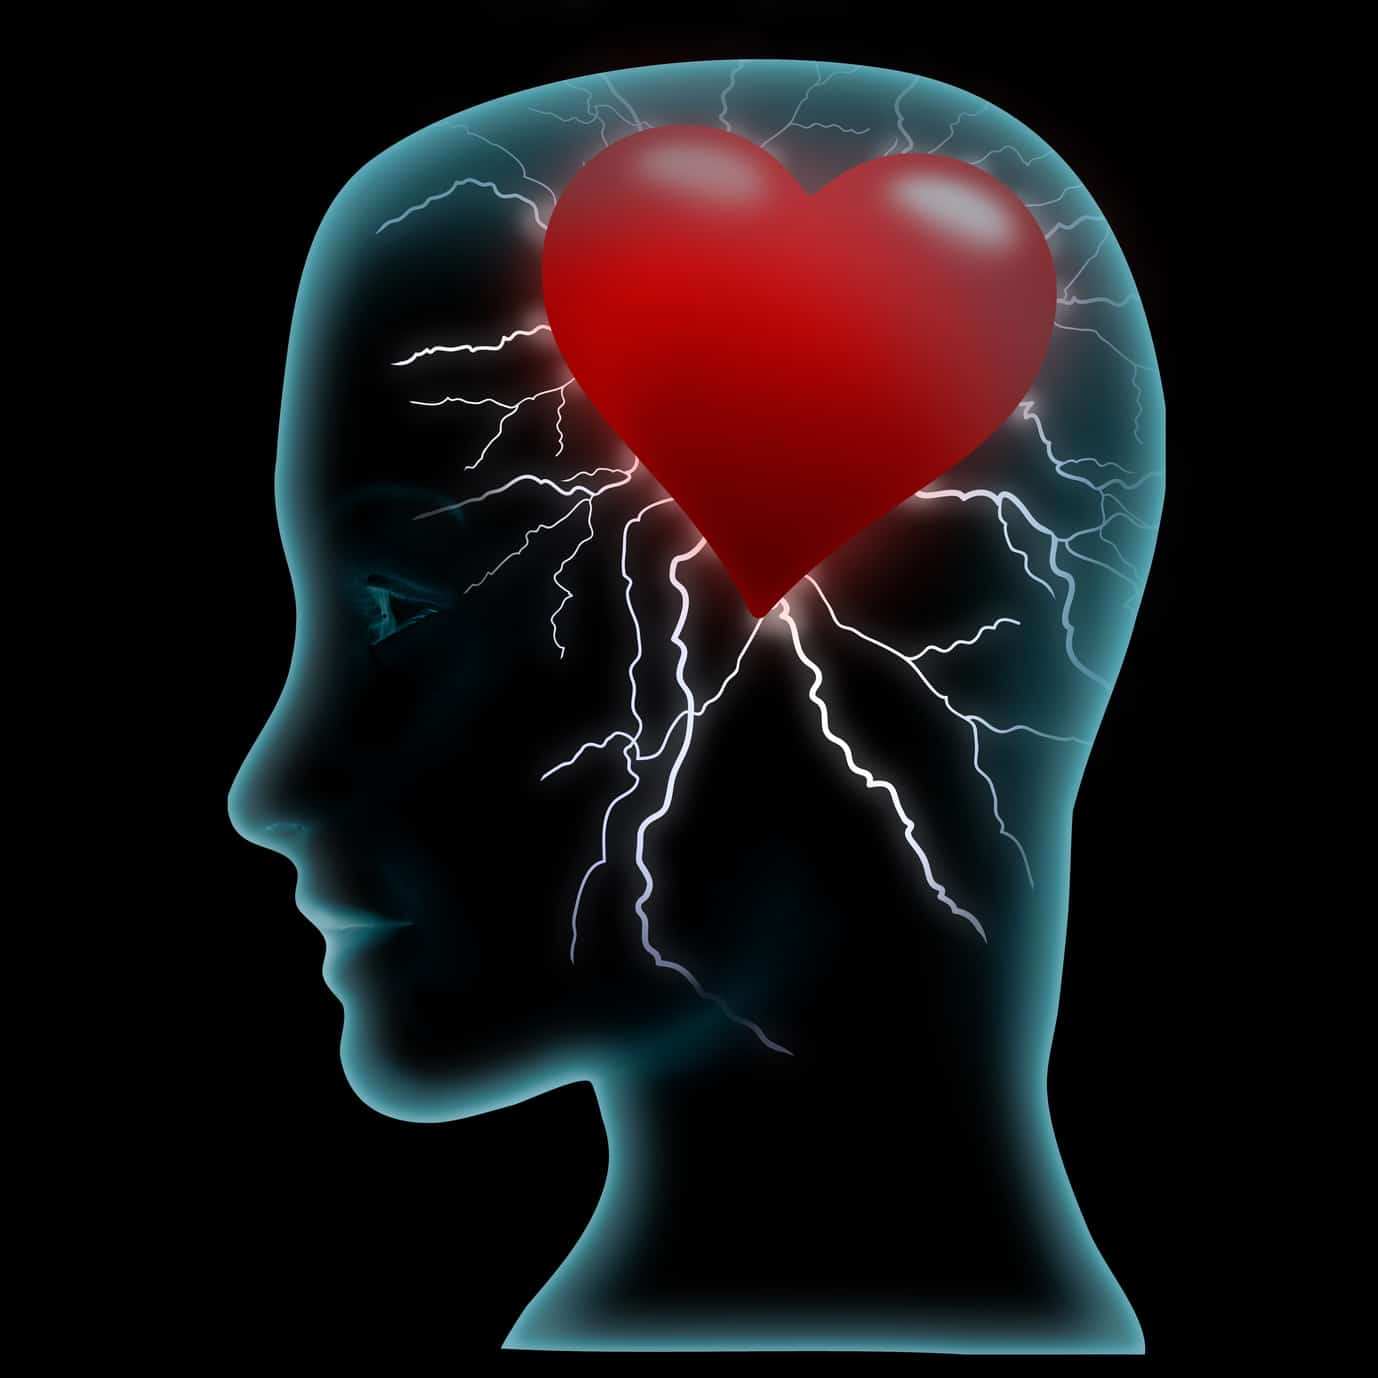 פיתוח אינטליגנציה רגשית – למה זה טוב ואיך עושים את זה?